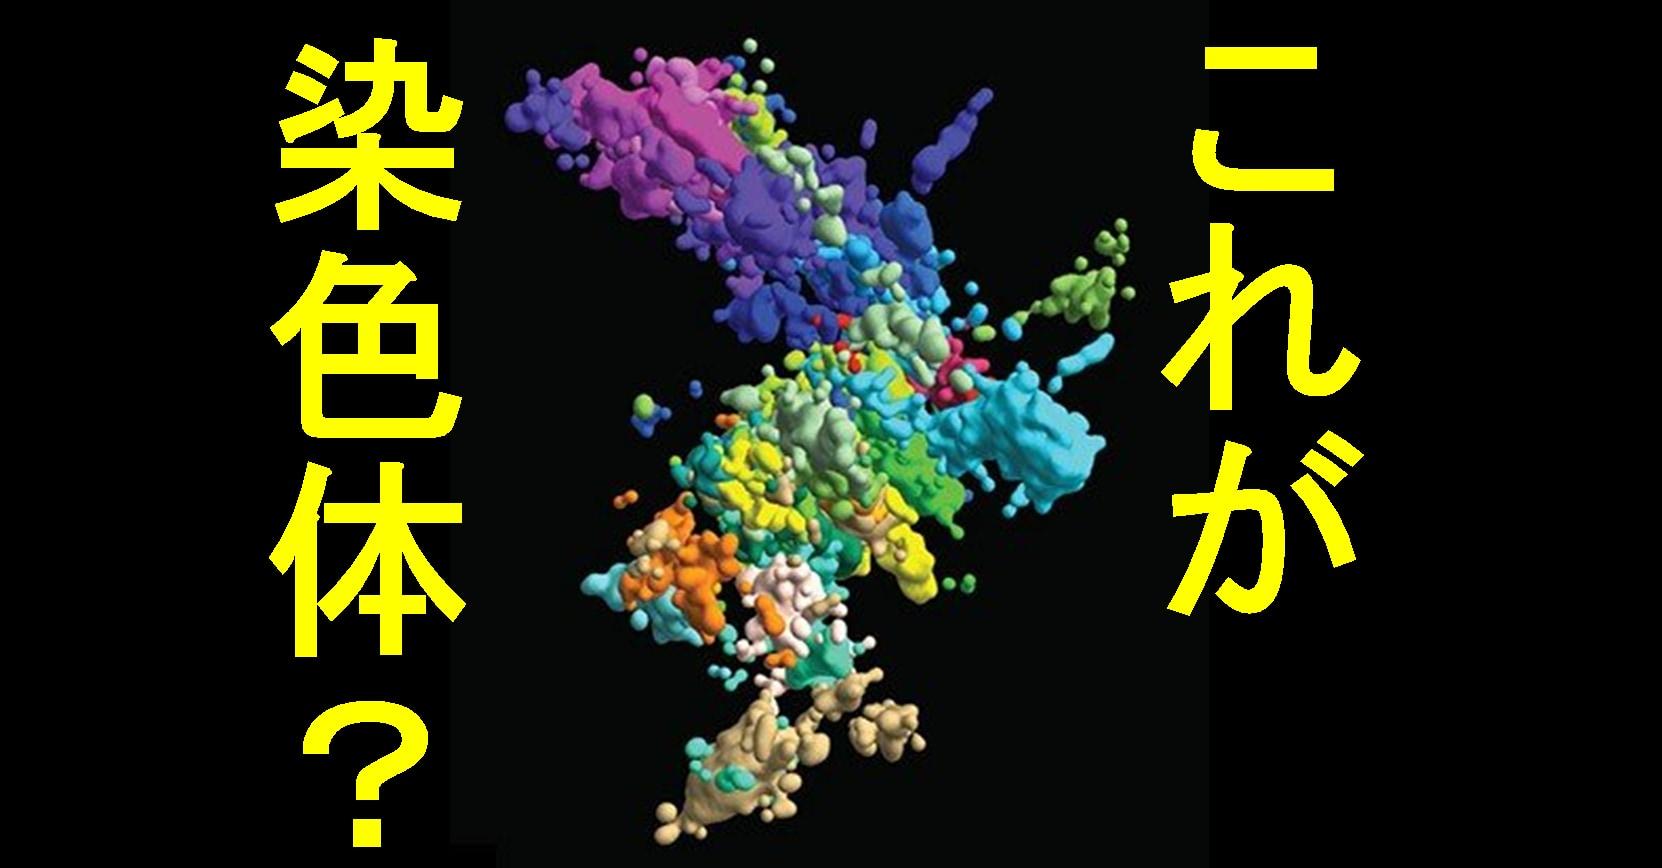 超解像顕微鏡法を使用して作成されたクロマチンの多色画像